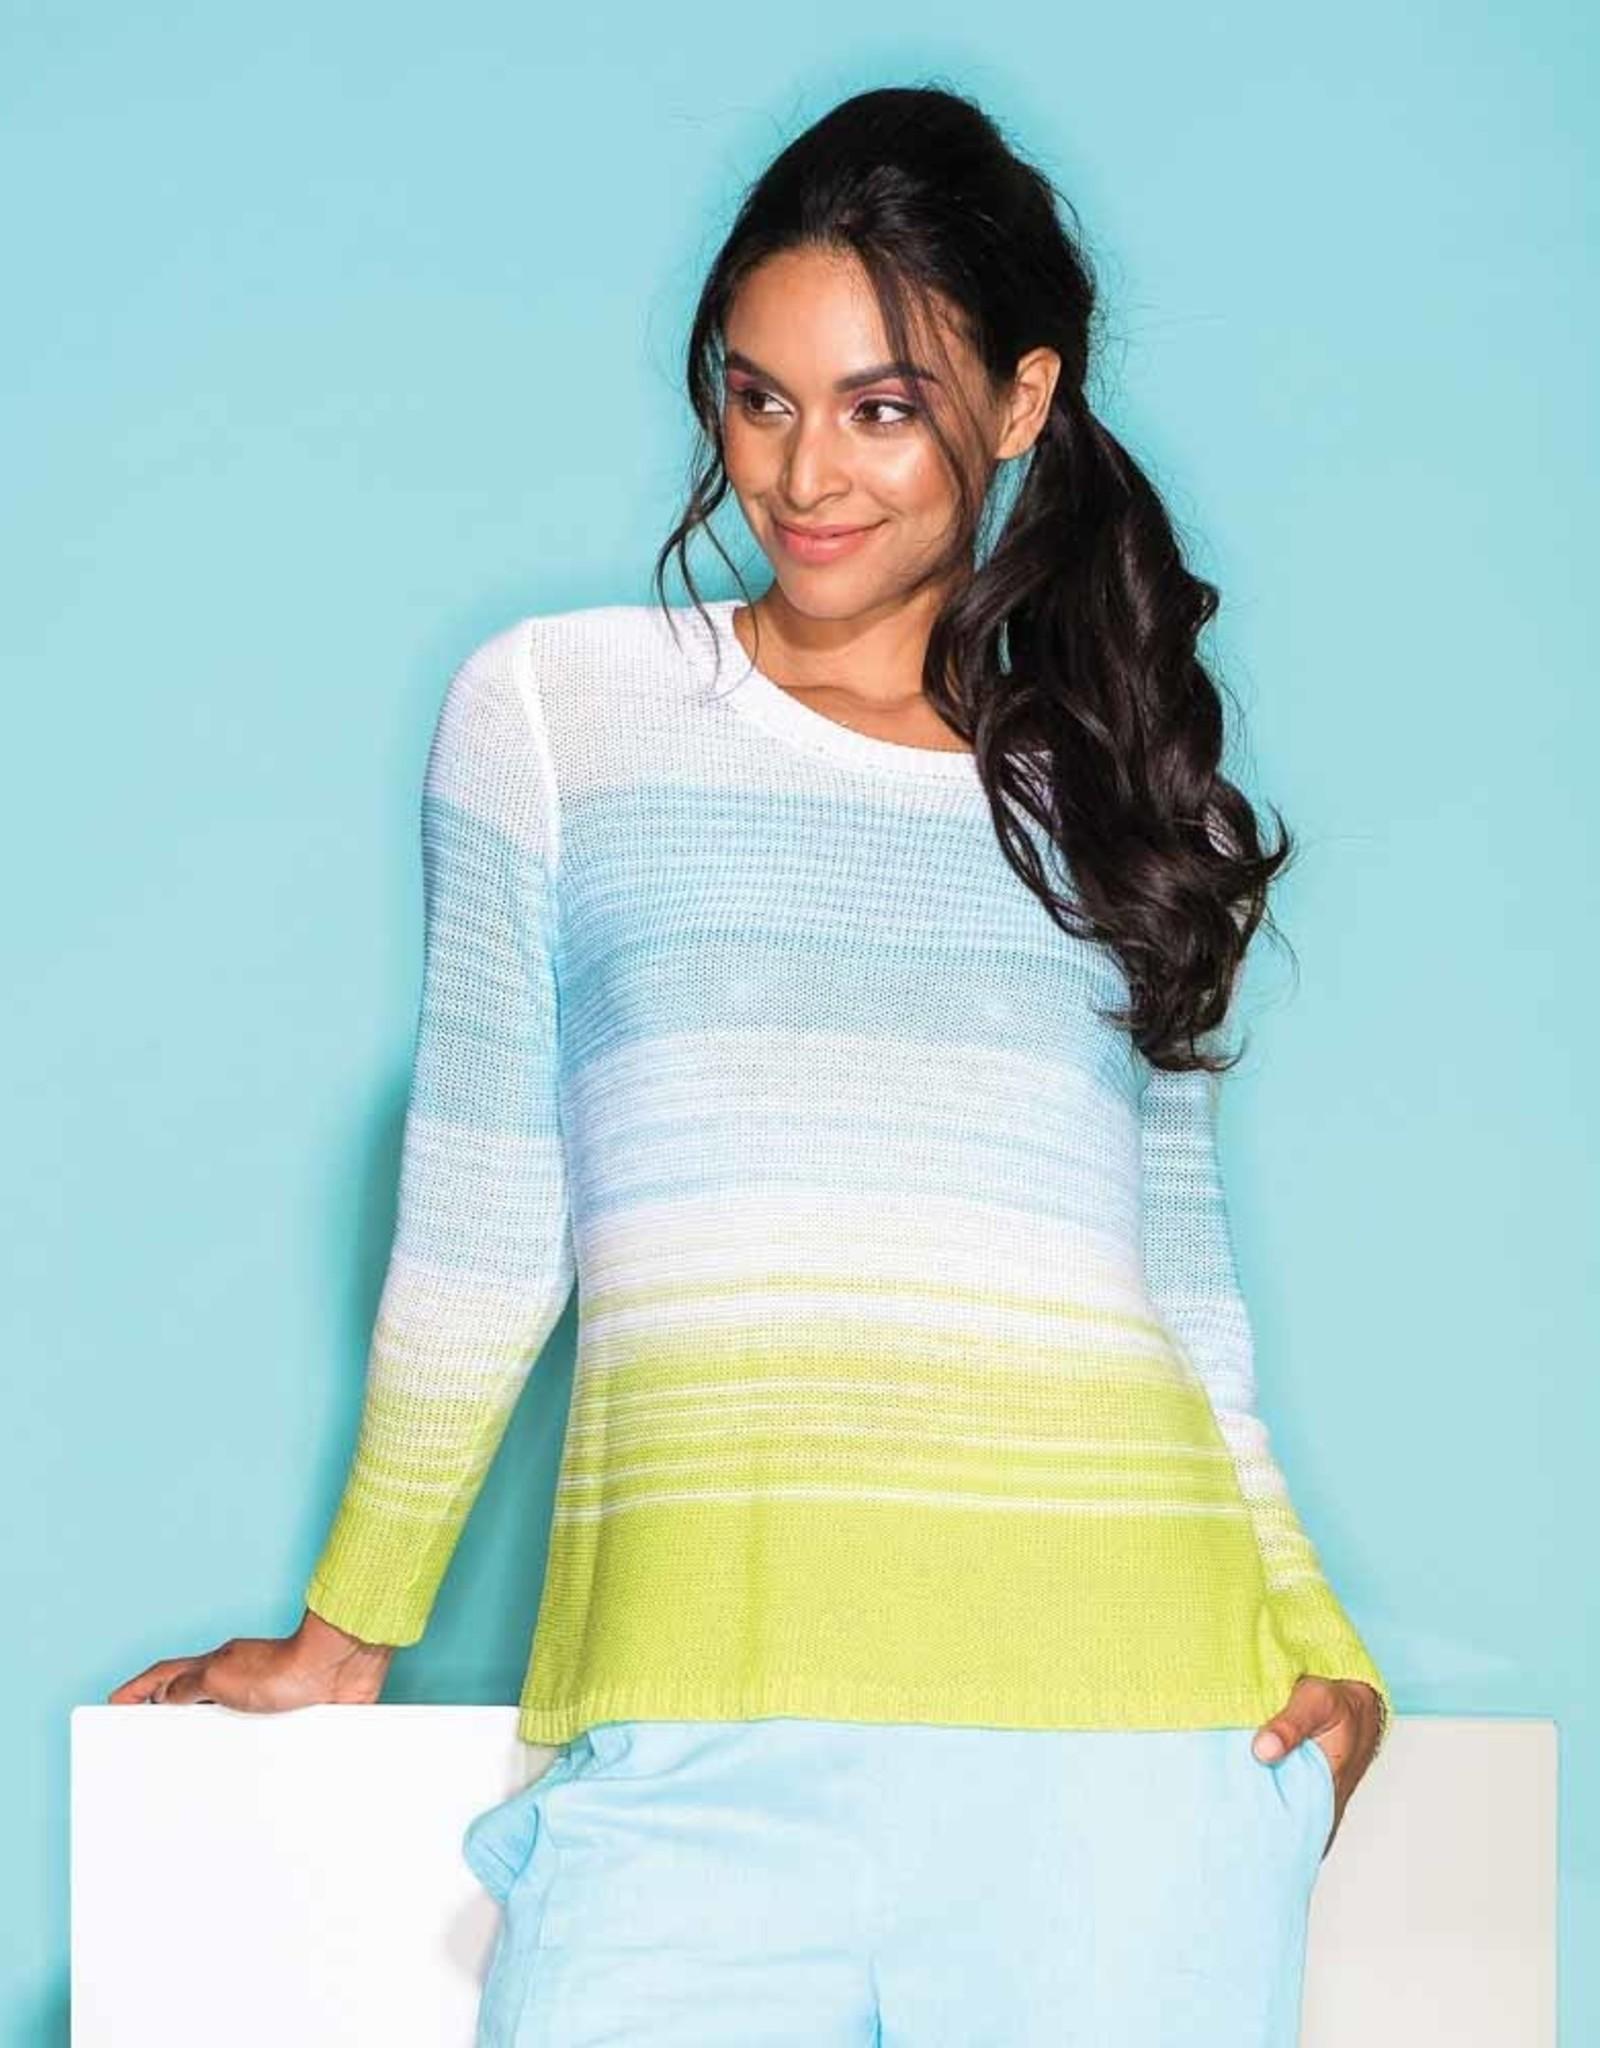 ESINC EW26121 Multi Teal Sweater